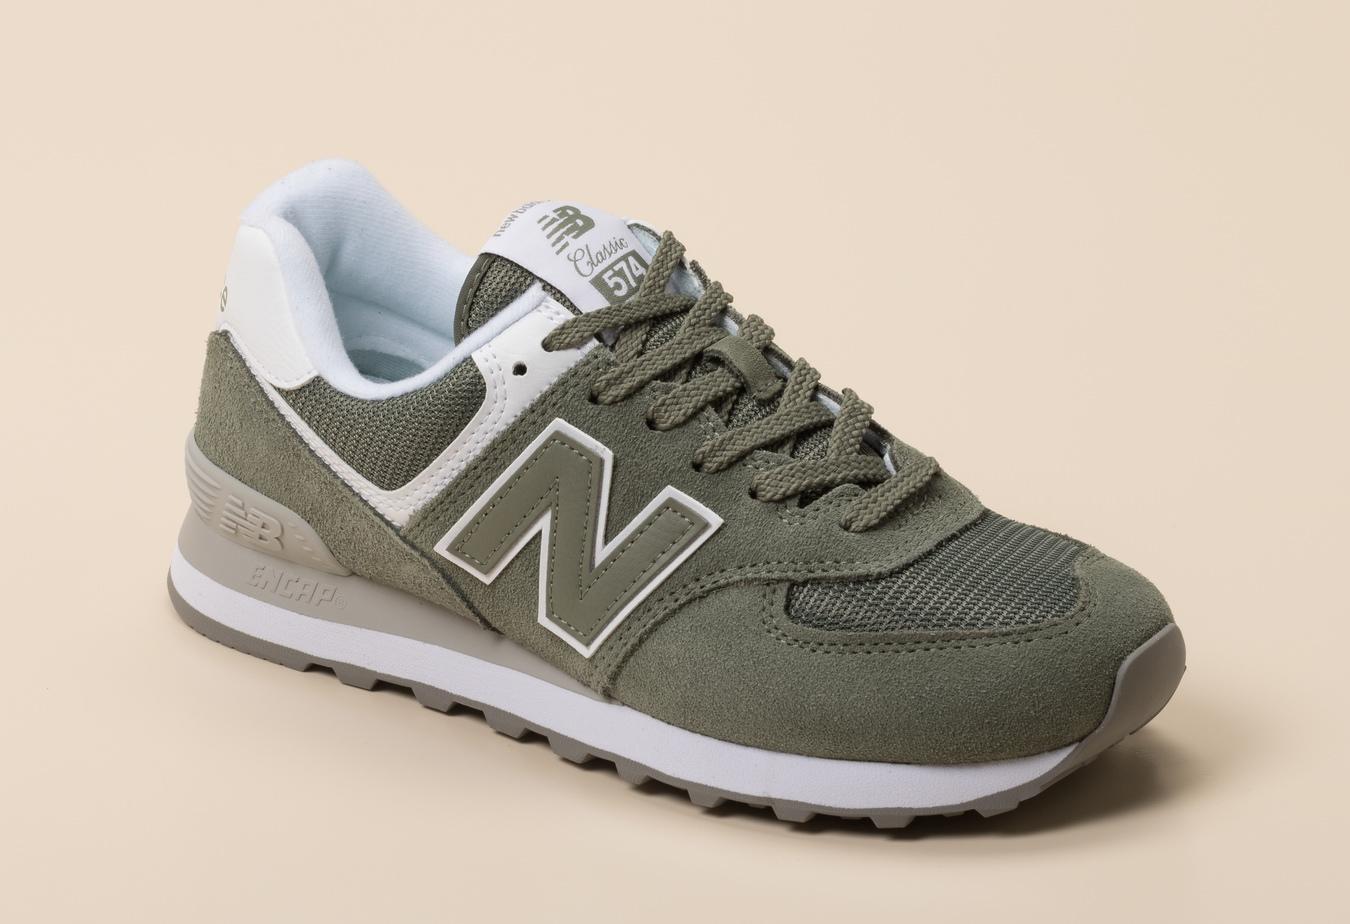 Sonderrabatt von großer Lagerverkauf beste website New Balance Damen Sneaker in khaki/oliv kaufen | Zumnorde Online-Shop